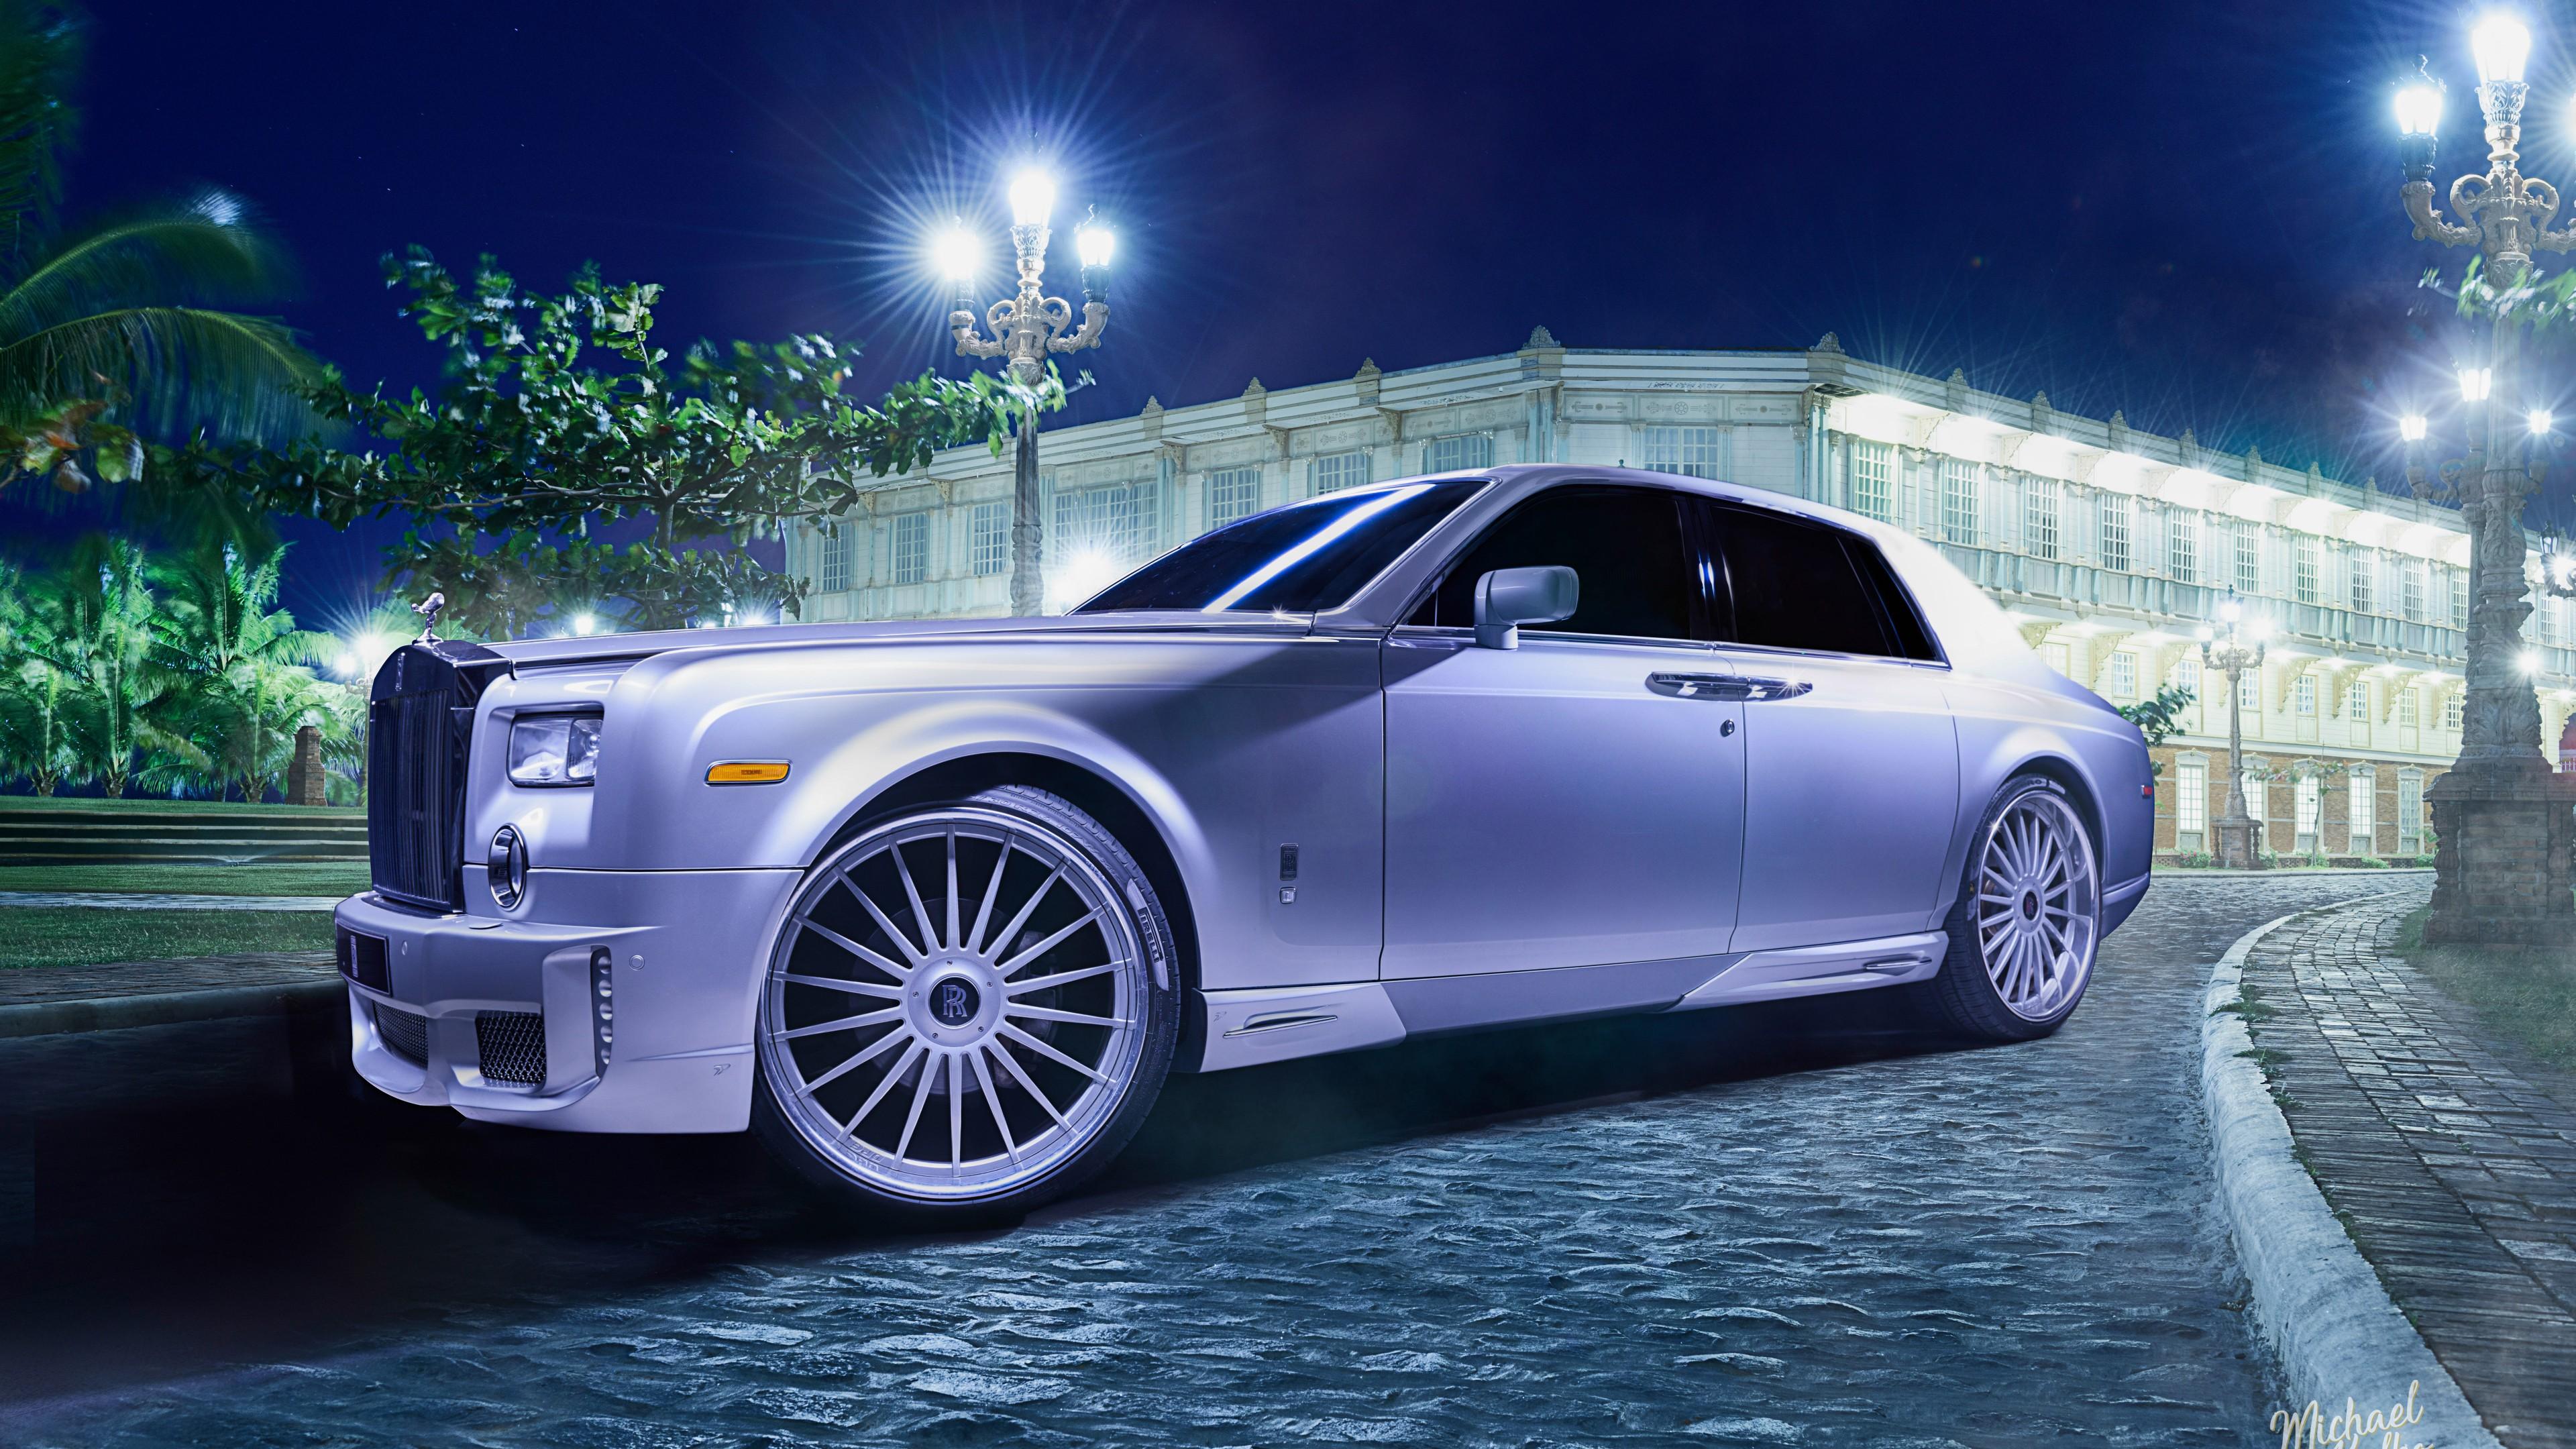 Rolls-Royce Ghost 4K 8K Wallpaper | HD Car Wallpapers | ID ...